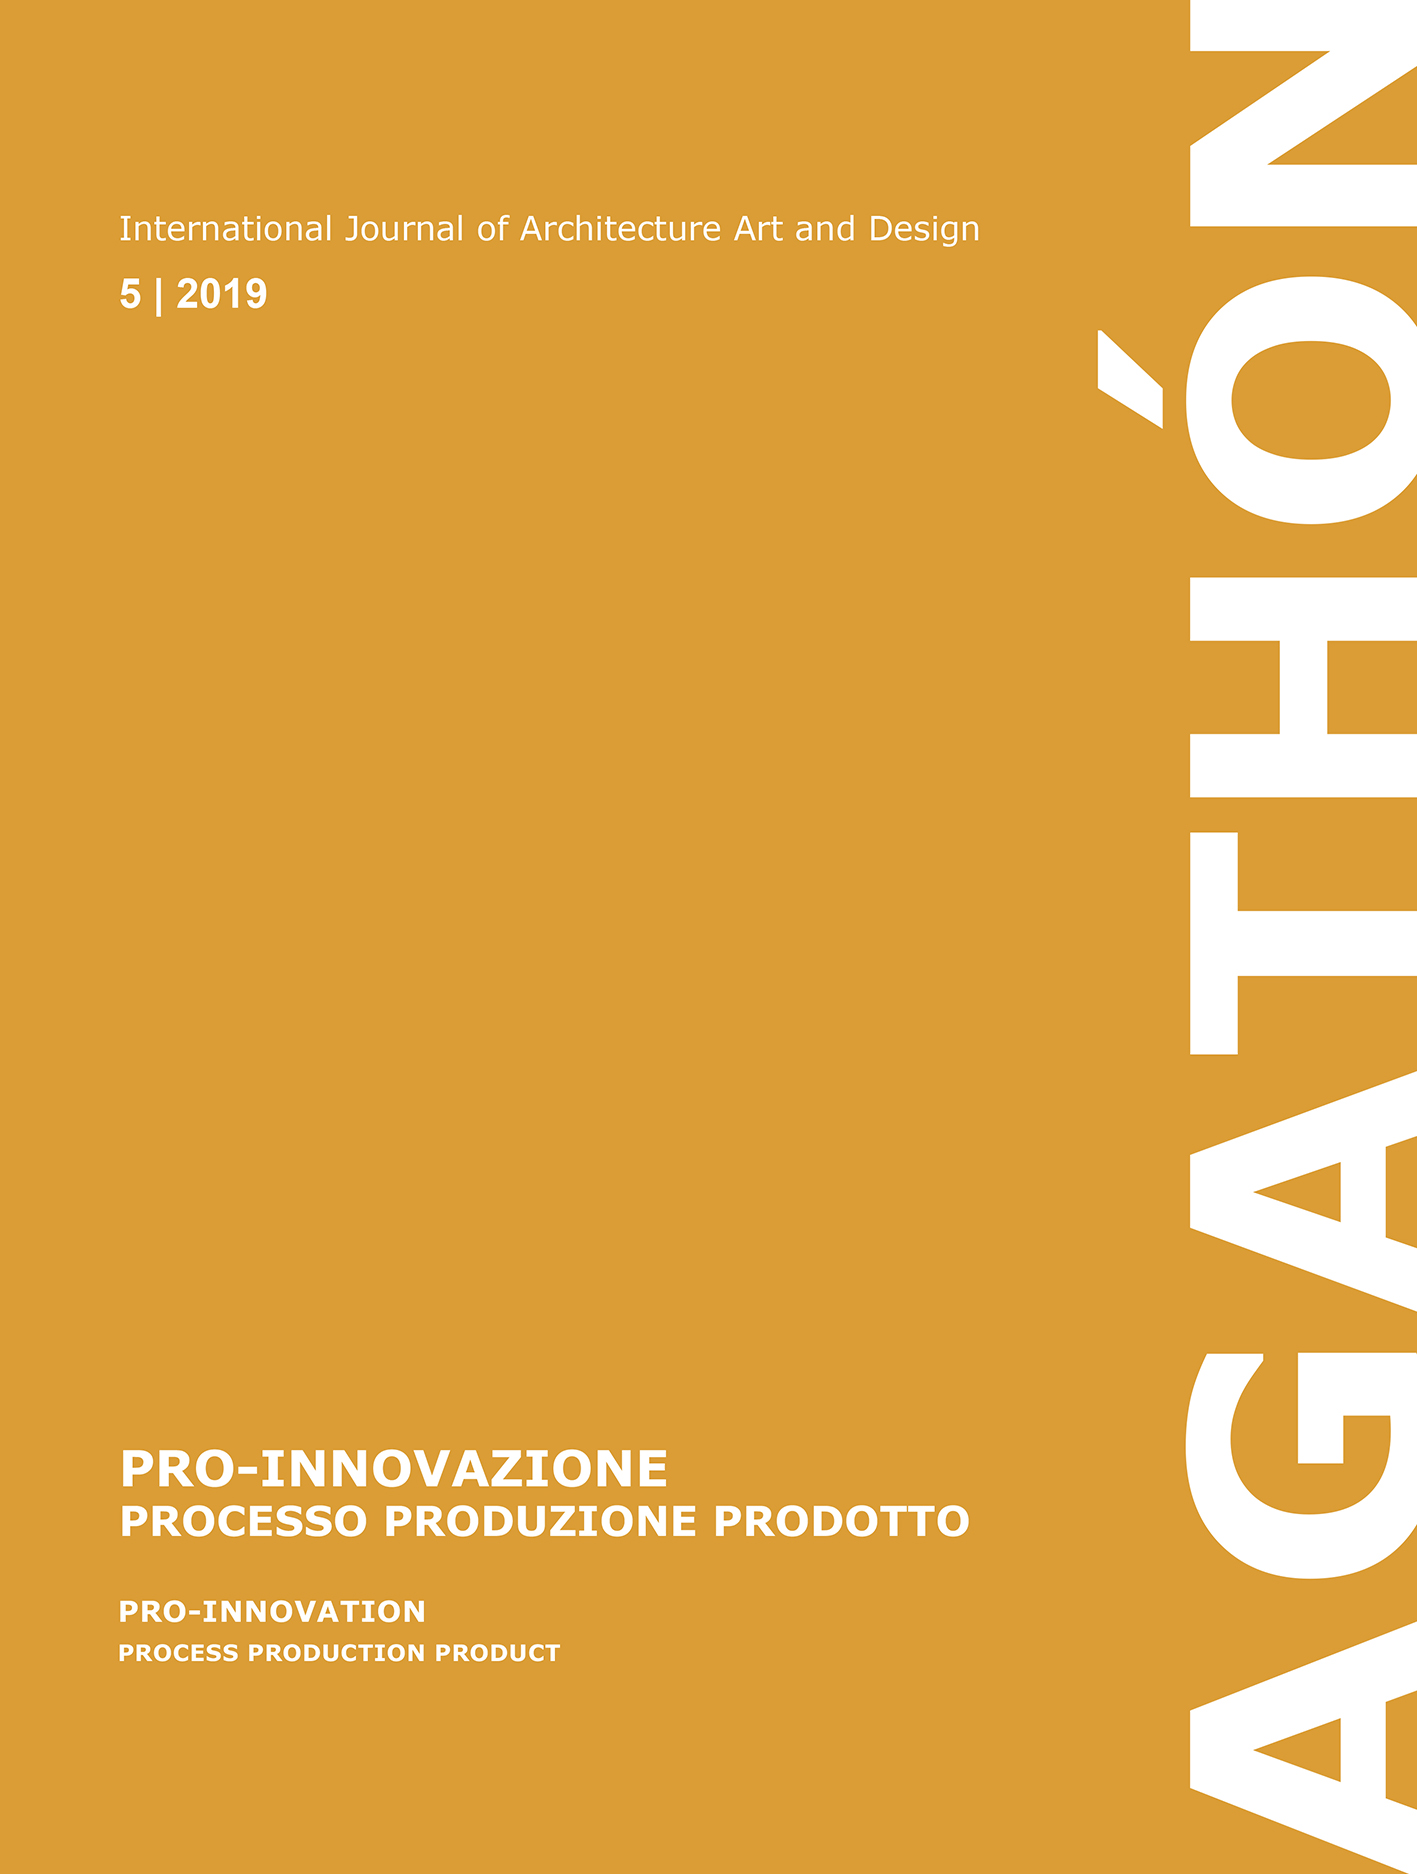 Pro-Innovazione: Processo, Produzione, Prodotto – Pro-Innovation: Process Production Product